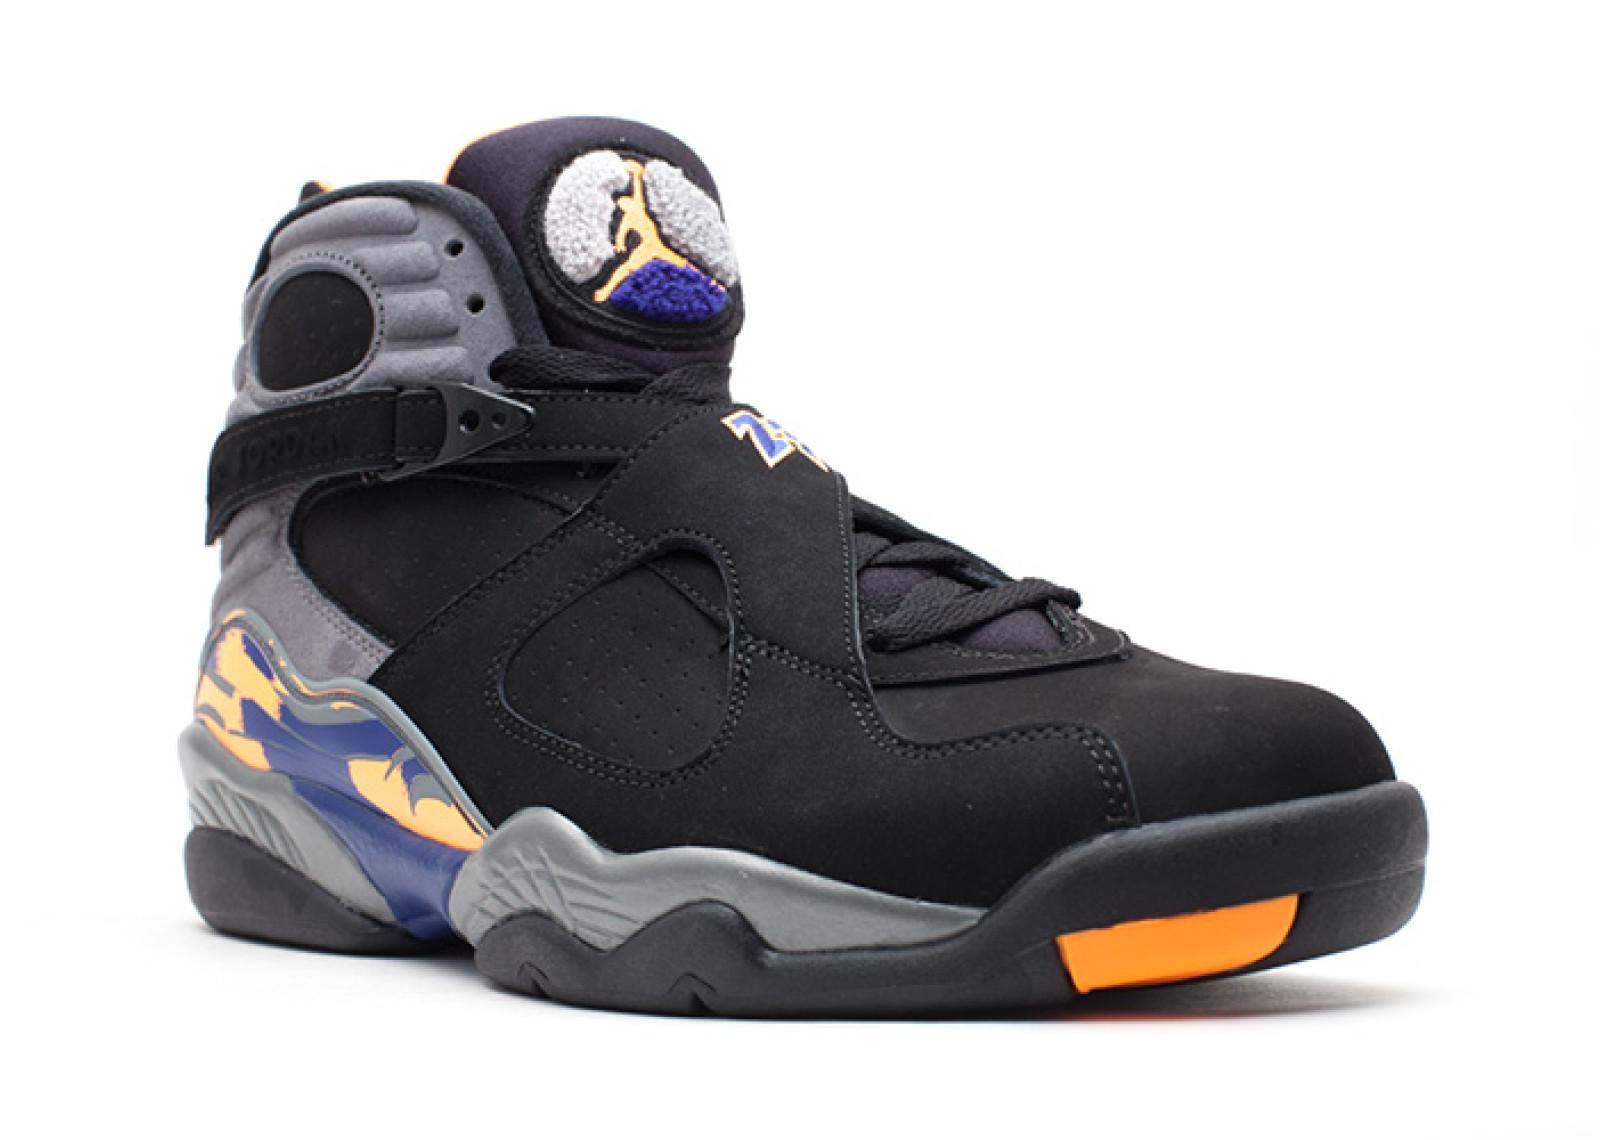 0cf35bc312a Air Jordan - Men - Air Jordan 8 Retro 'Phoenix Suns' - 305381-043 - Size 9.5